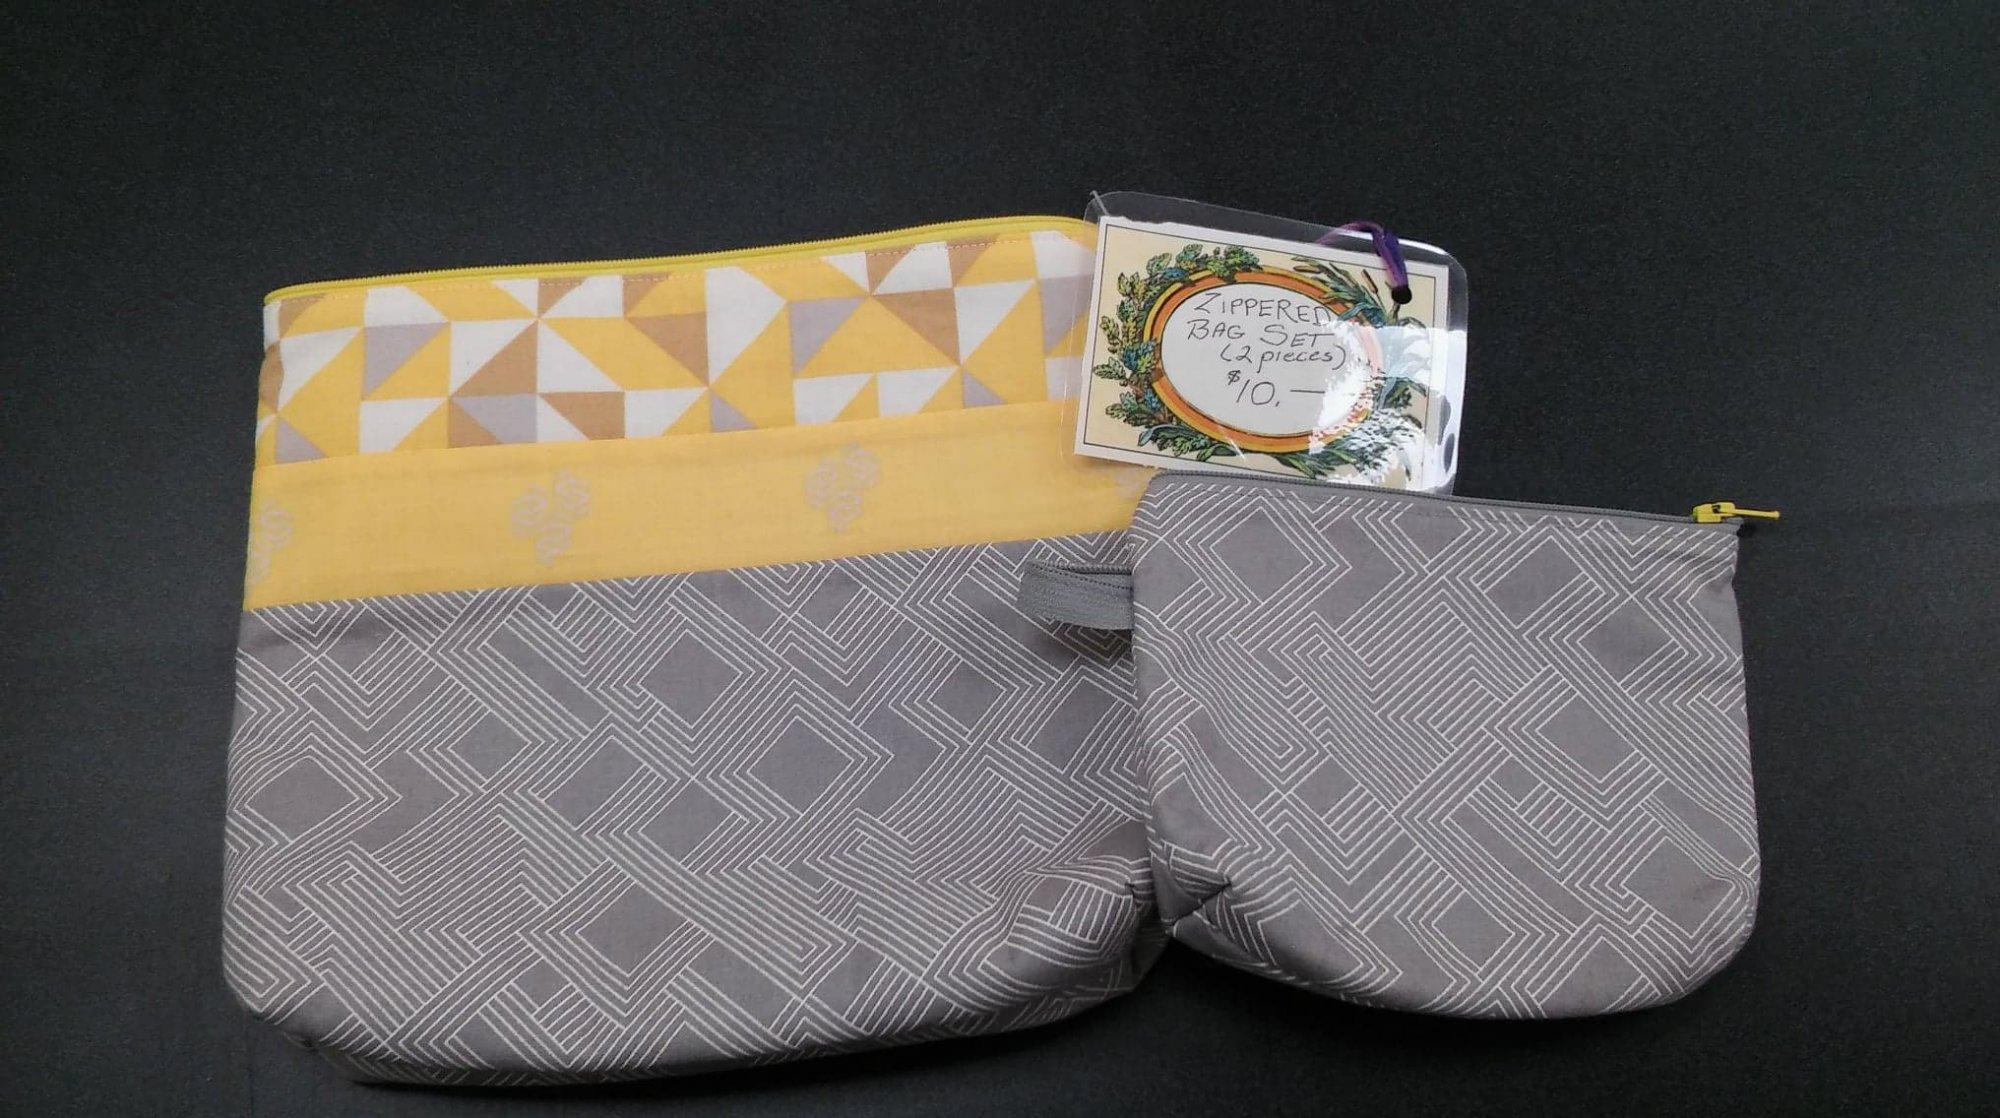 Zippered Bag Set (2 pieces)